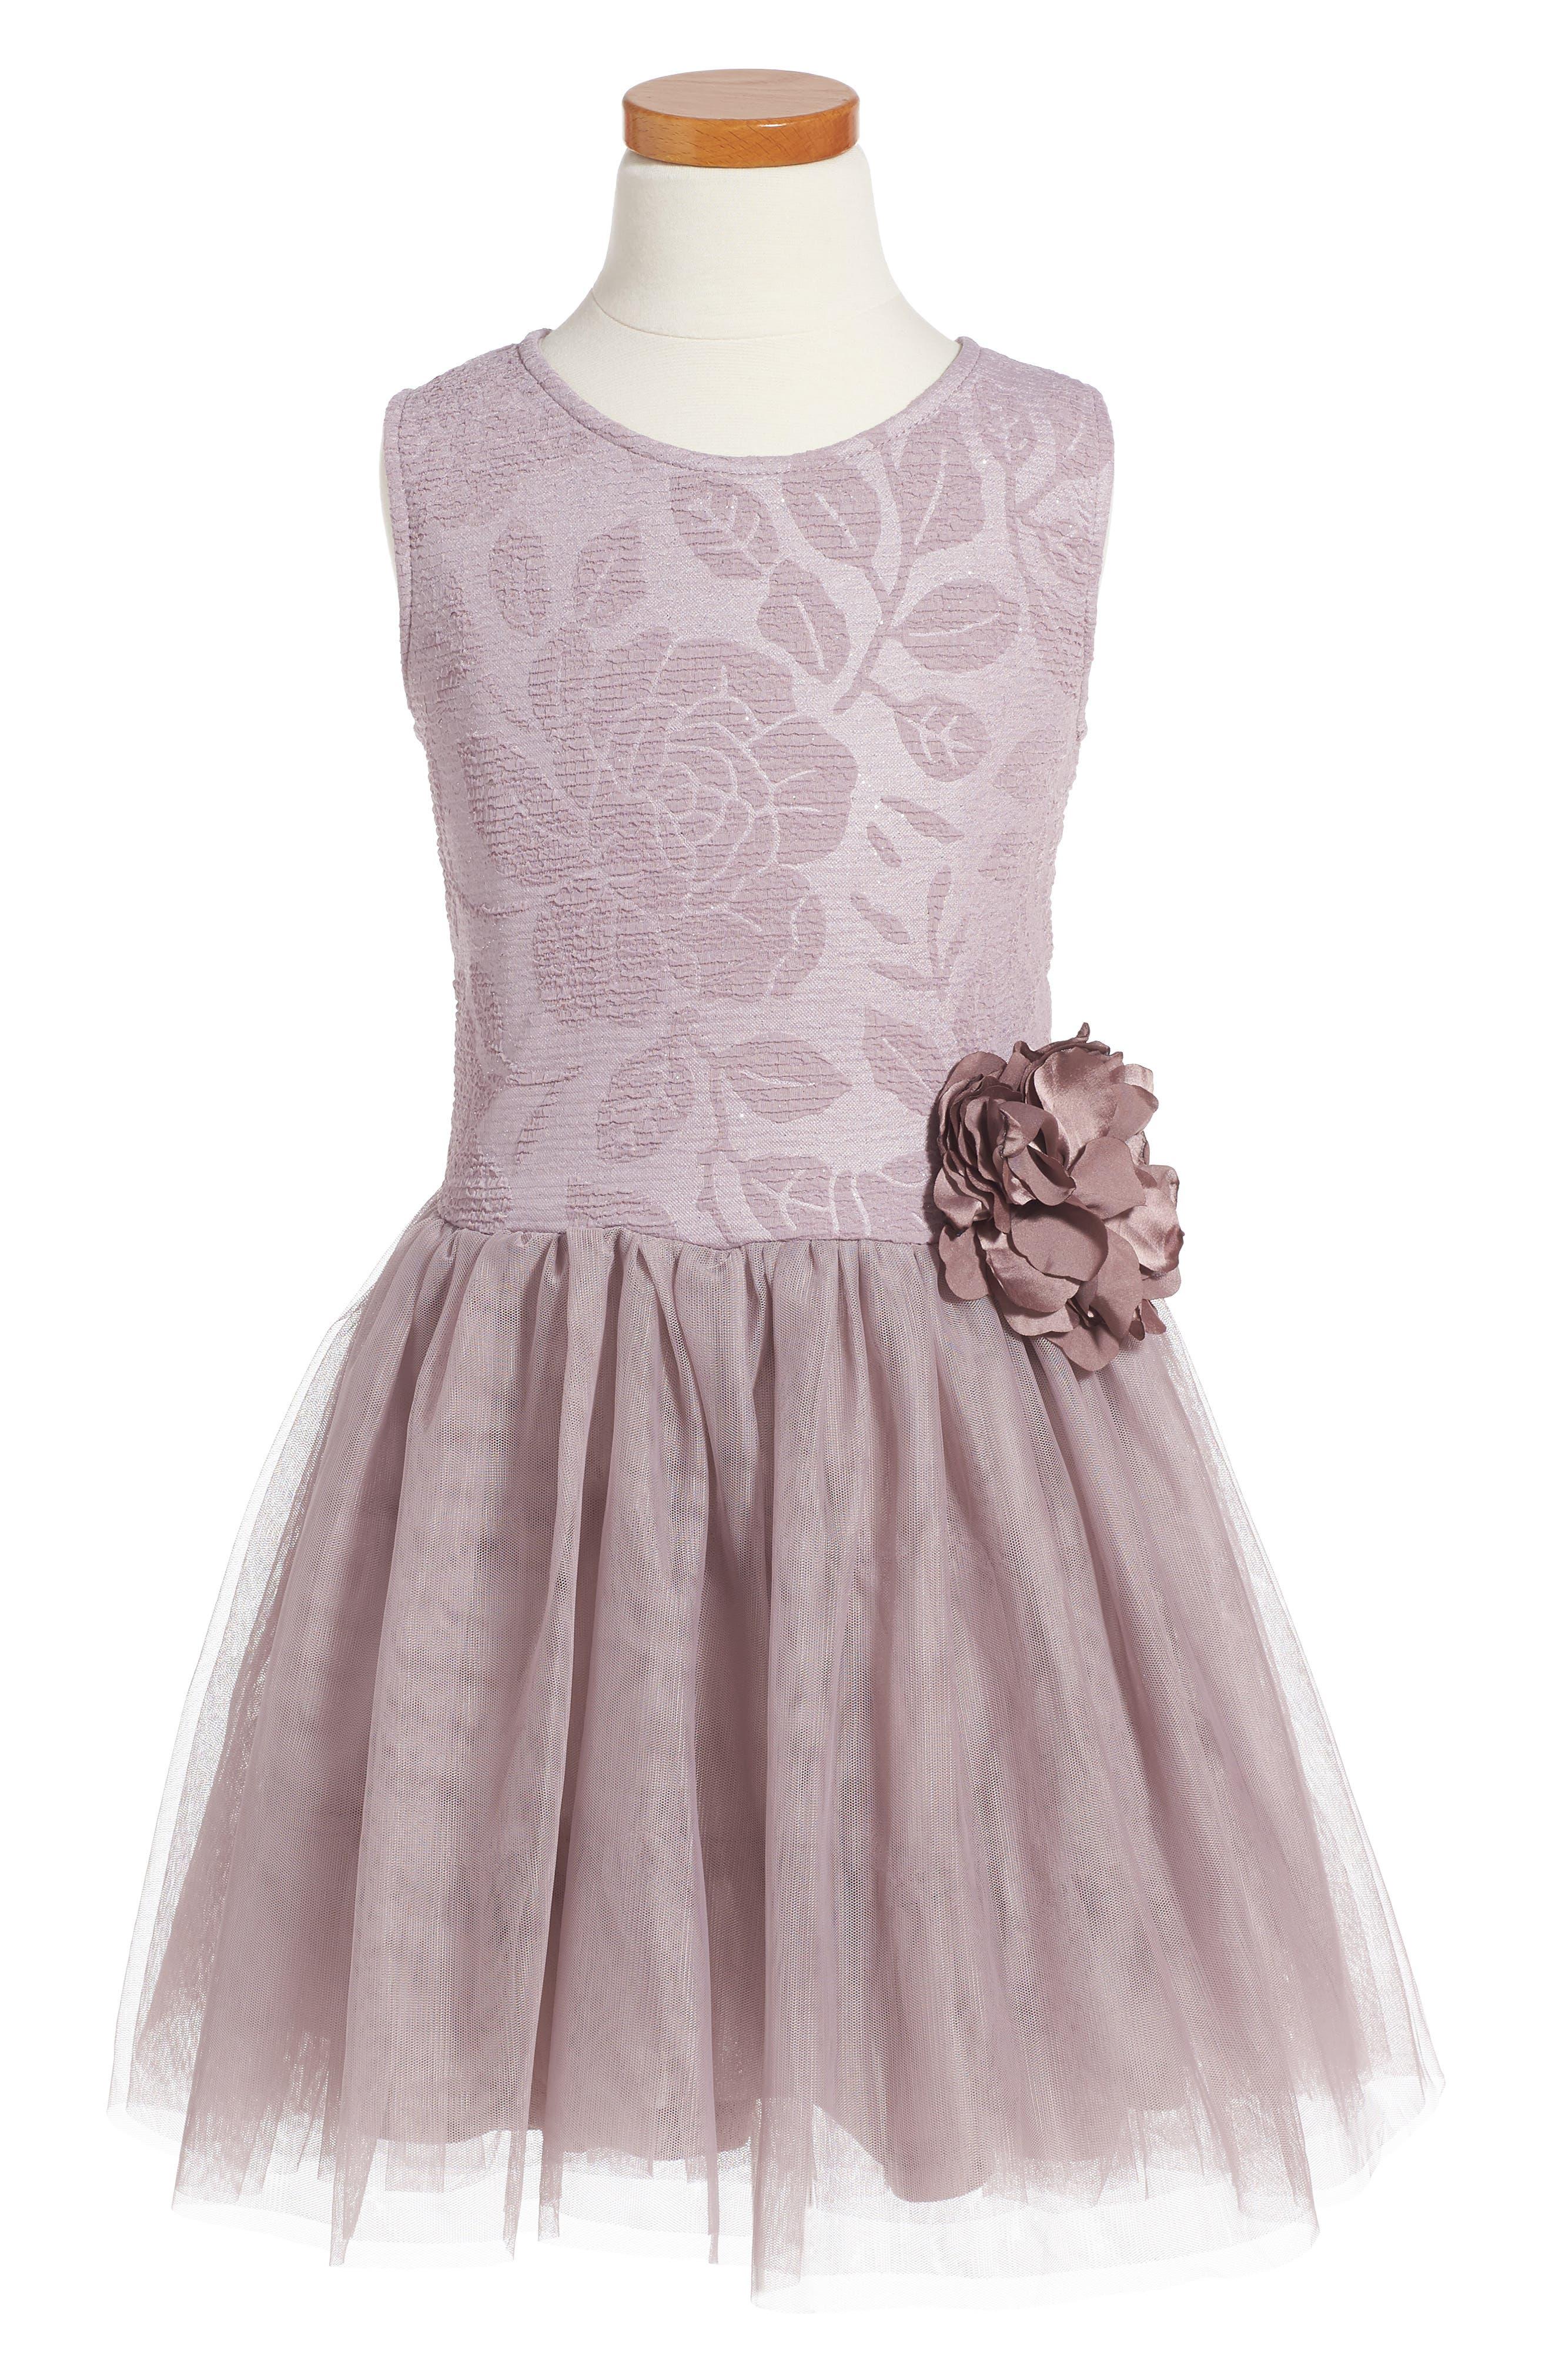 Embossed Rose Tutu Dress,                             Main thumbnail 1, color,                             690